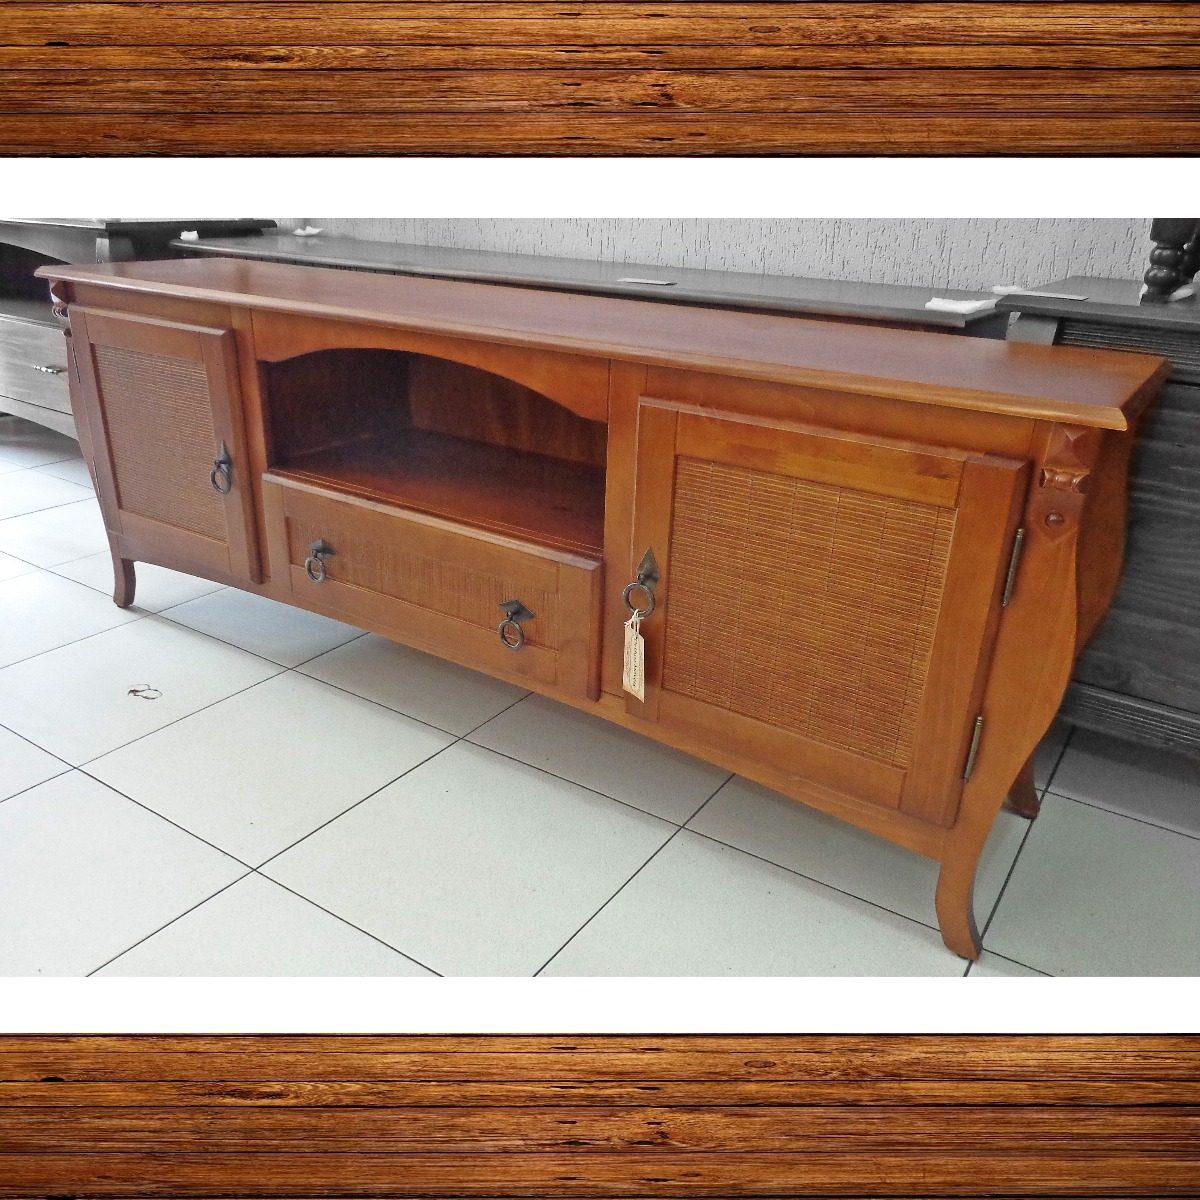 b773dcddf rack madeira maciça clássico porta gaveta sala televisão. Carregando zoom.